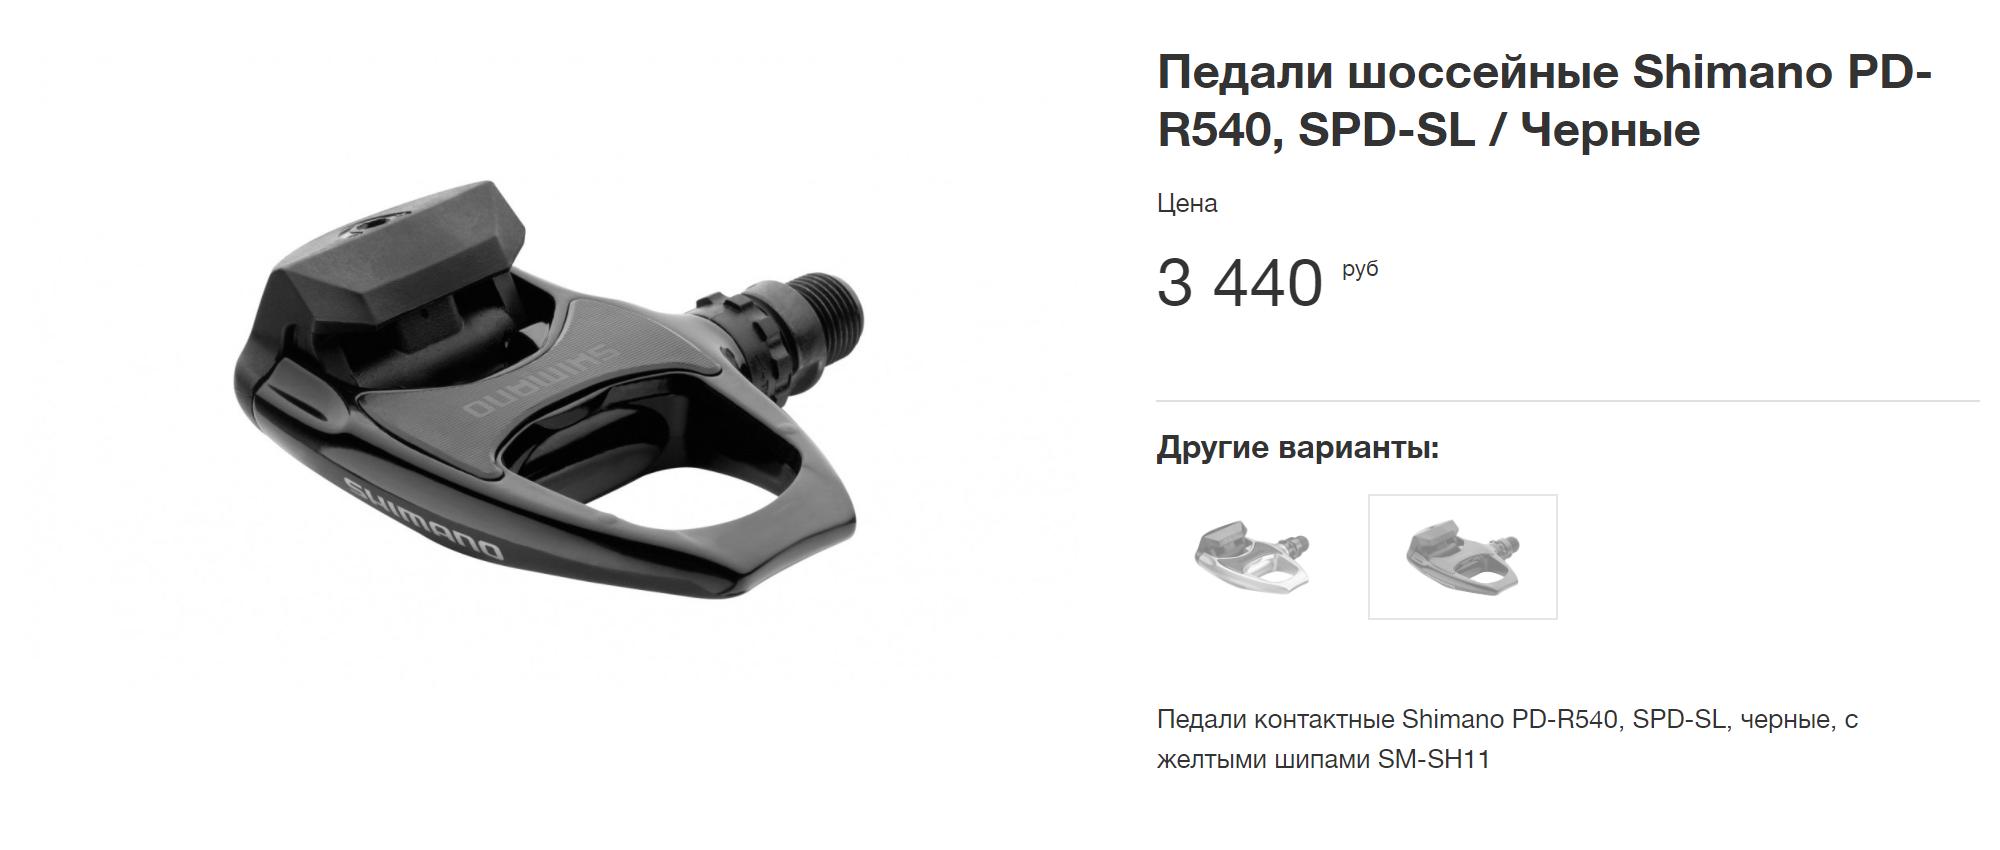 По&nbsp;совету специалиста, который проводил байкфит, муж приобрел вот&nbsp;такие контактные педали Shimano. В&nbsp;2019&nbsp;году они стоили 4599&nbsp;<span class=ruble>Р</span>. Источник: citycycle.ru